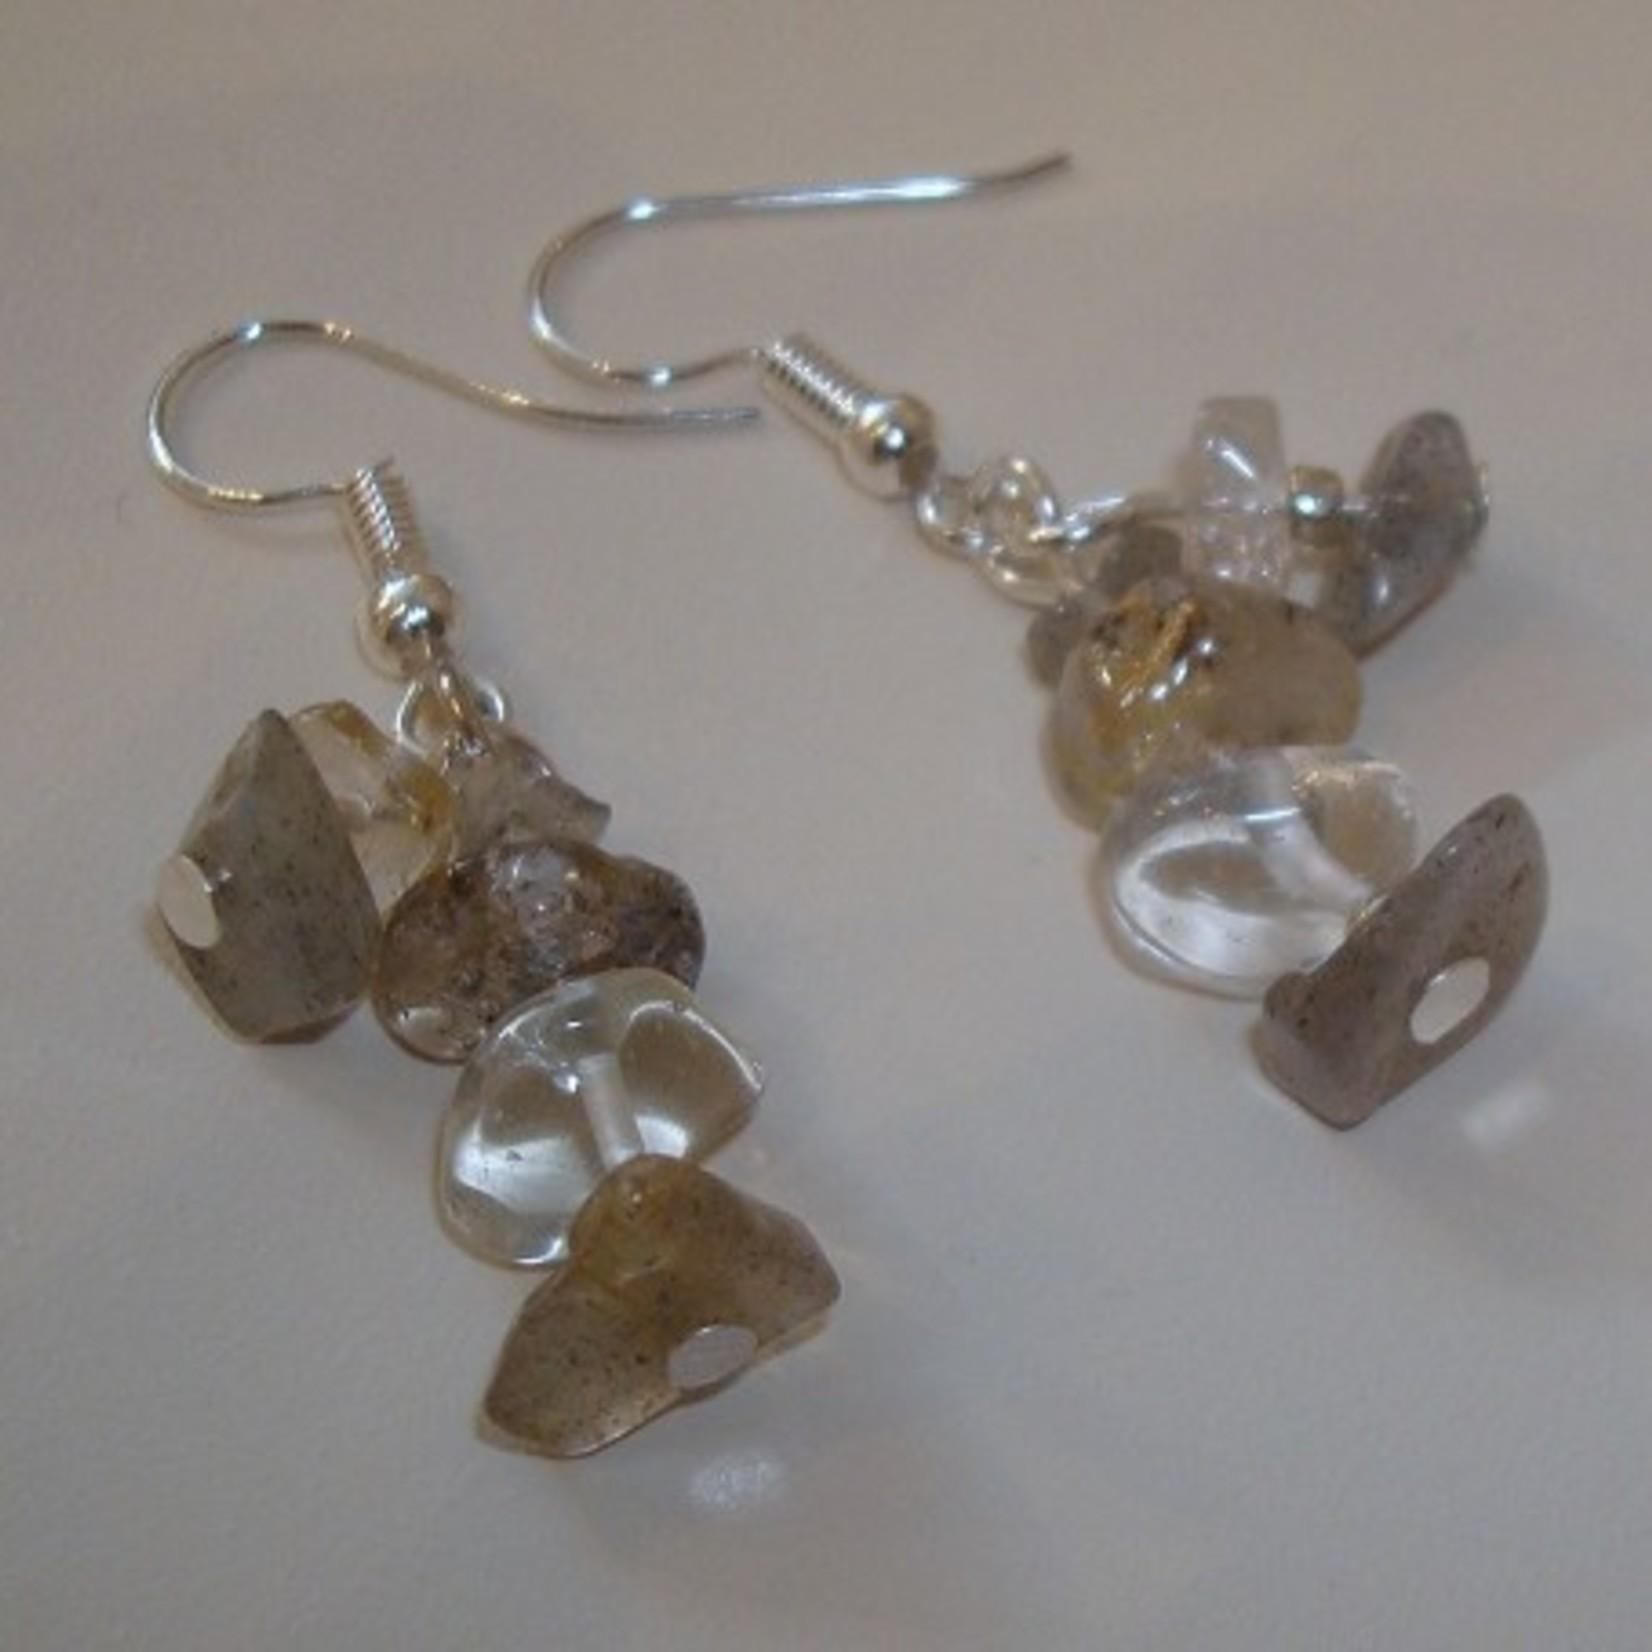 Adorabeads Oorbellen edelstenen van Labradoriet, Rutielkwarts en Bergkristal.